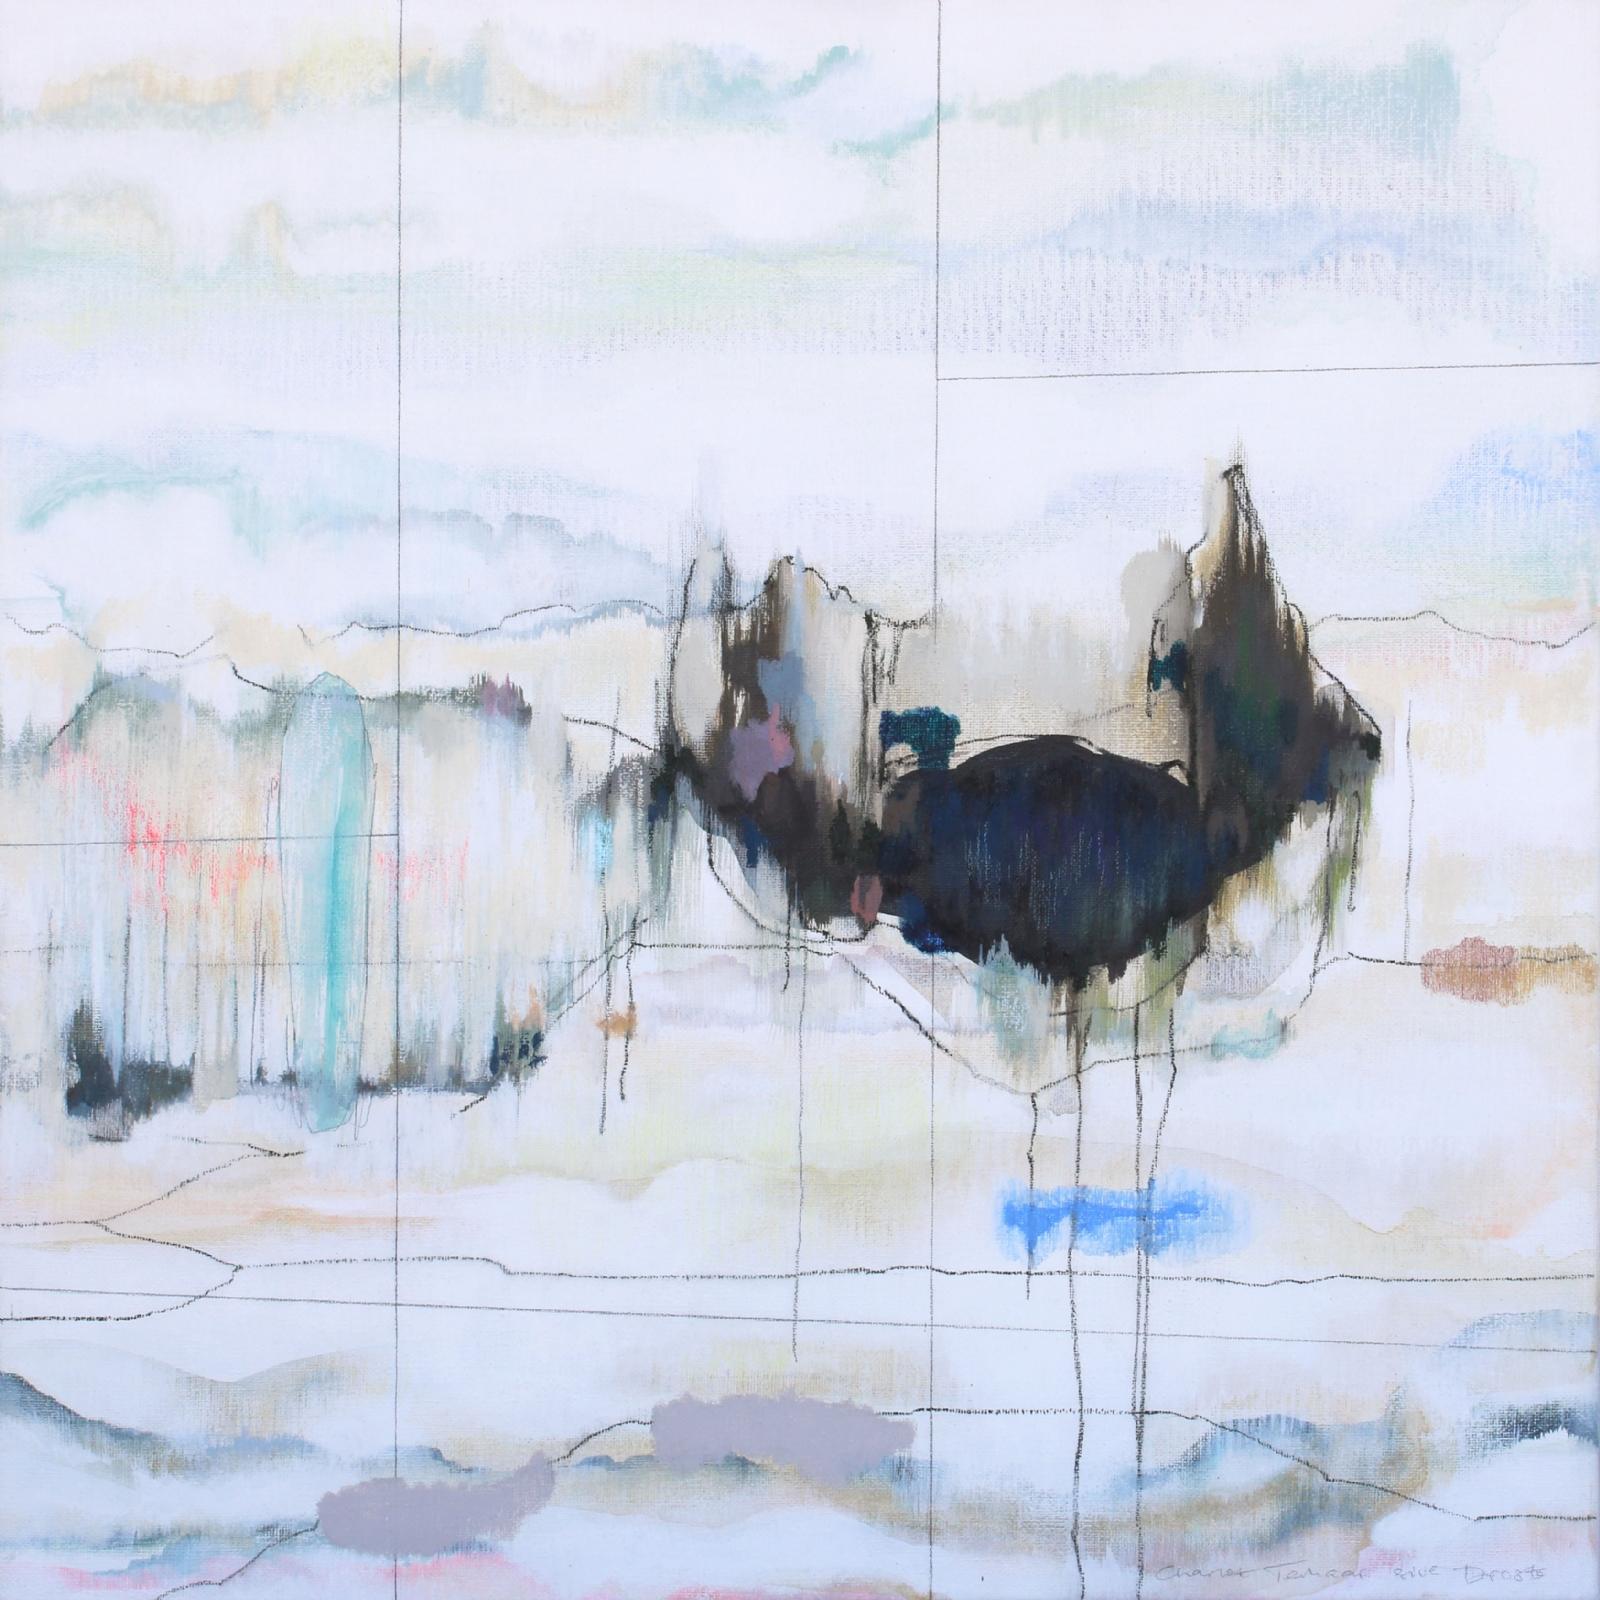 Schilderij #321